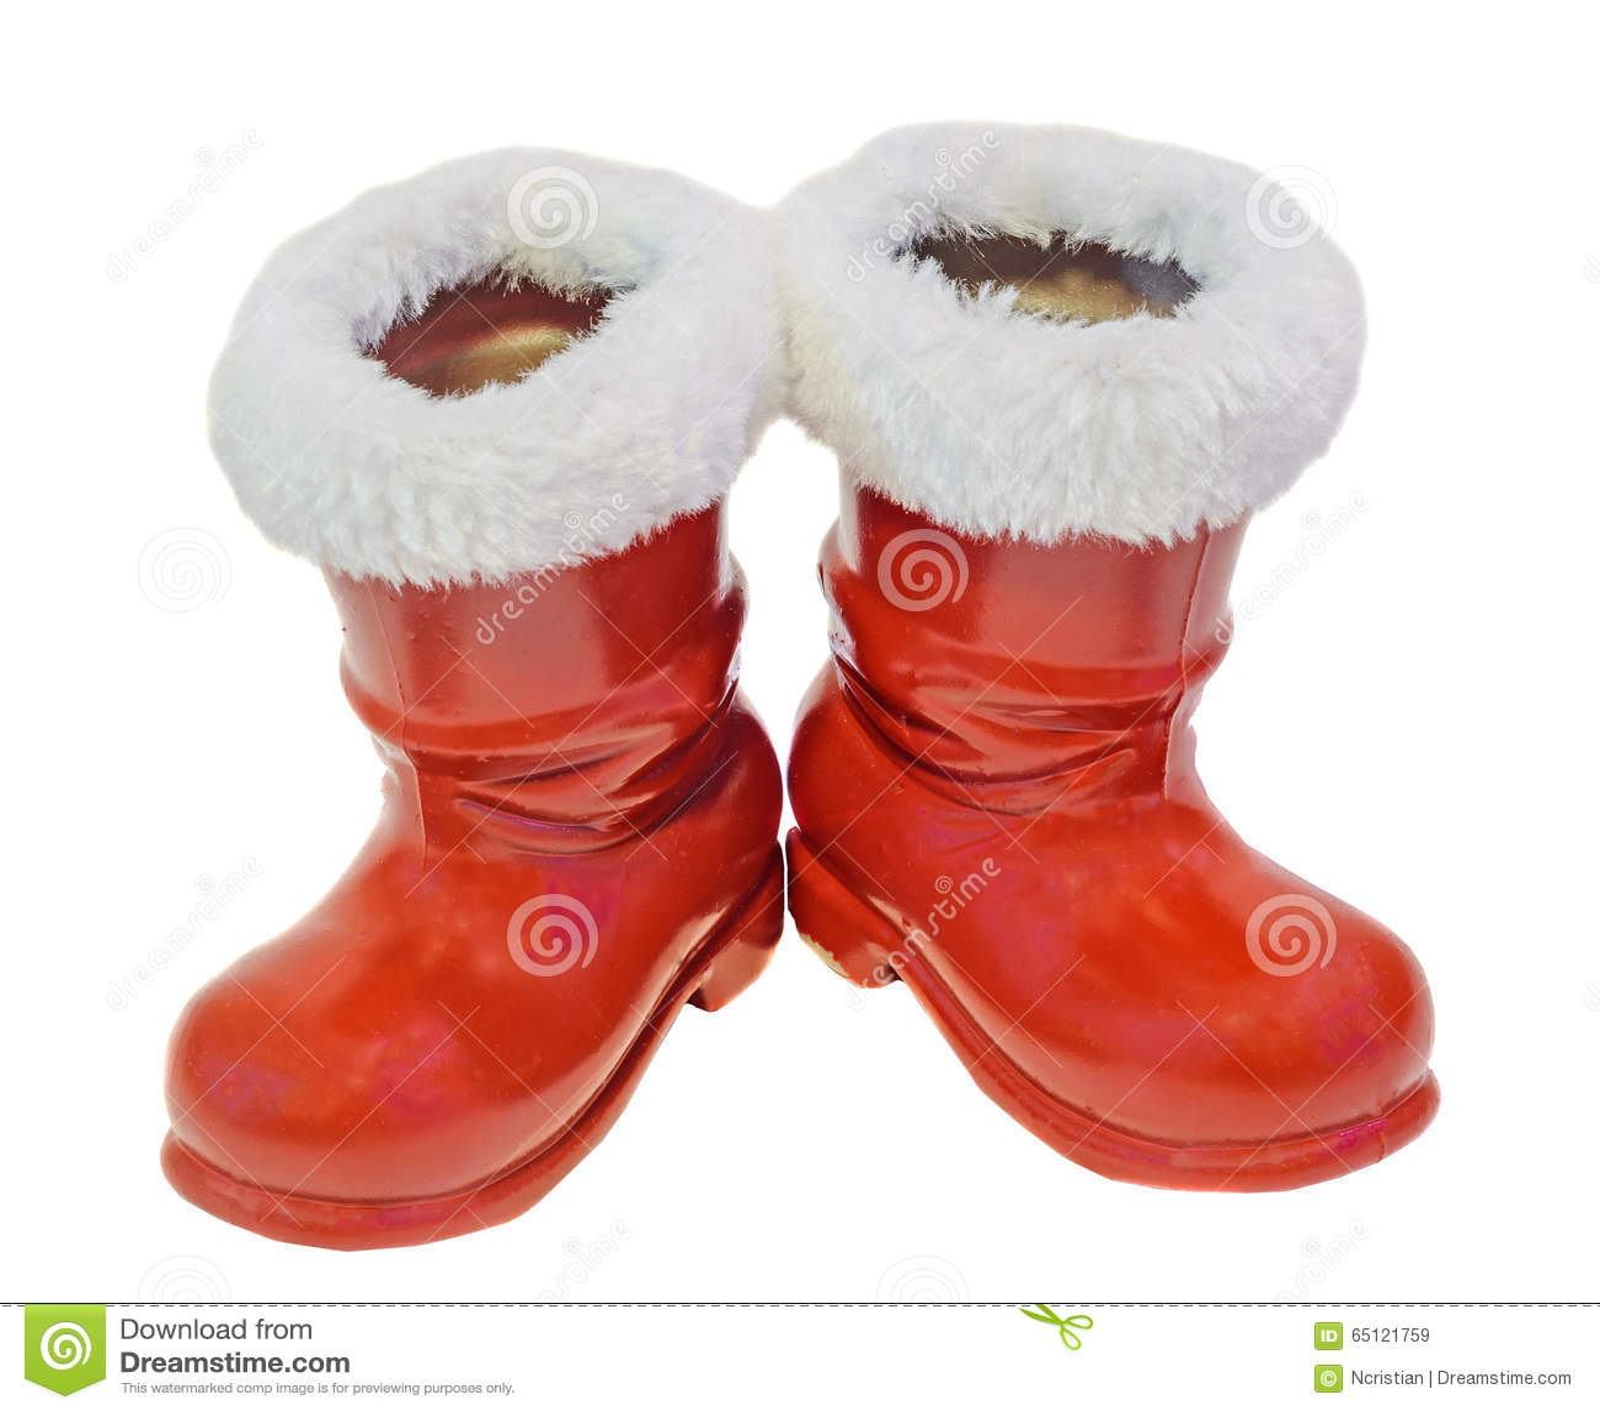 Rote Santa Claus Stiefel Schuhe Sankt Nikolaus Ladt Geschenke